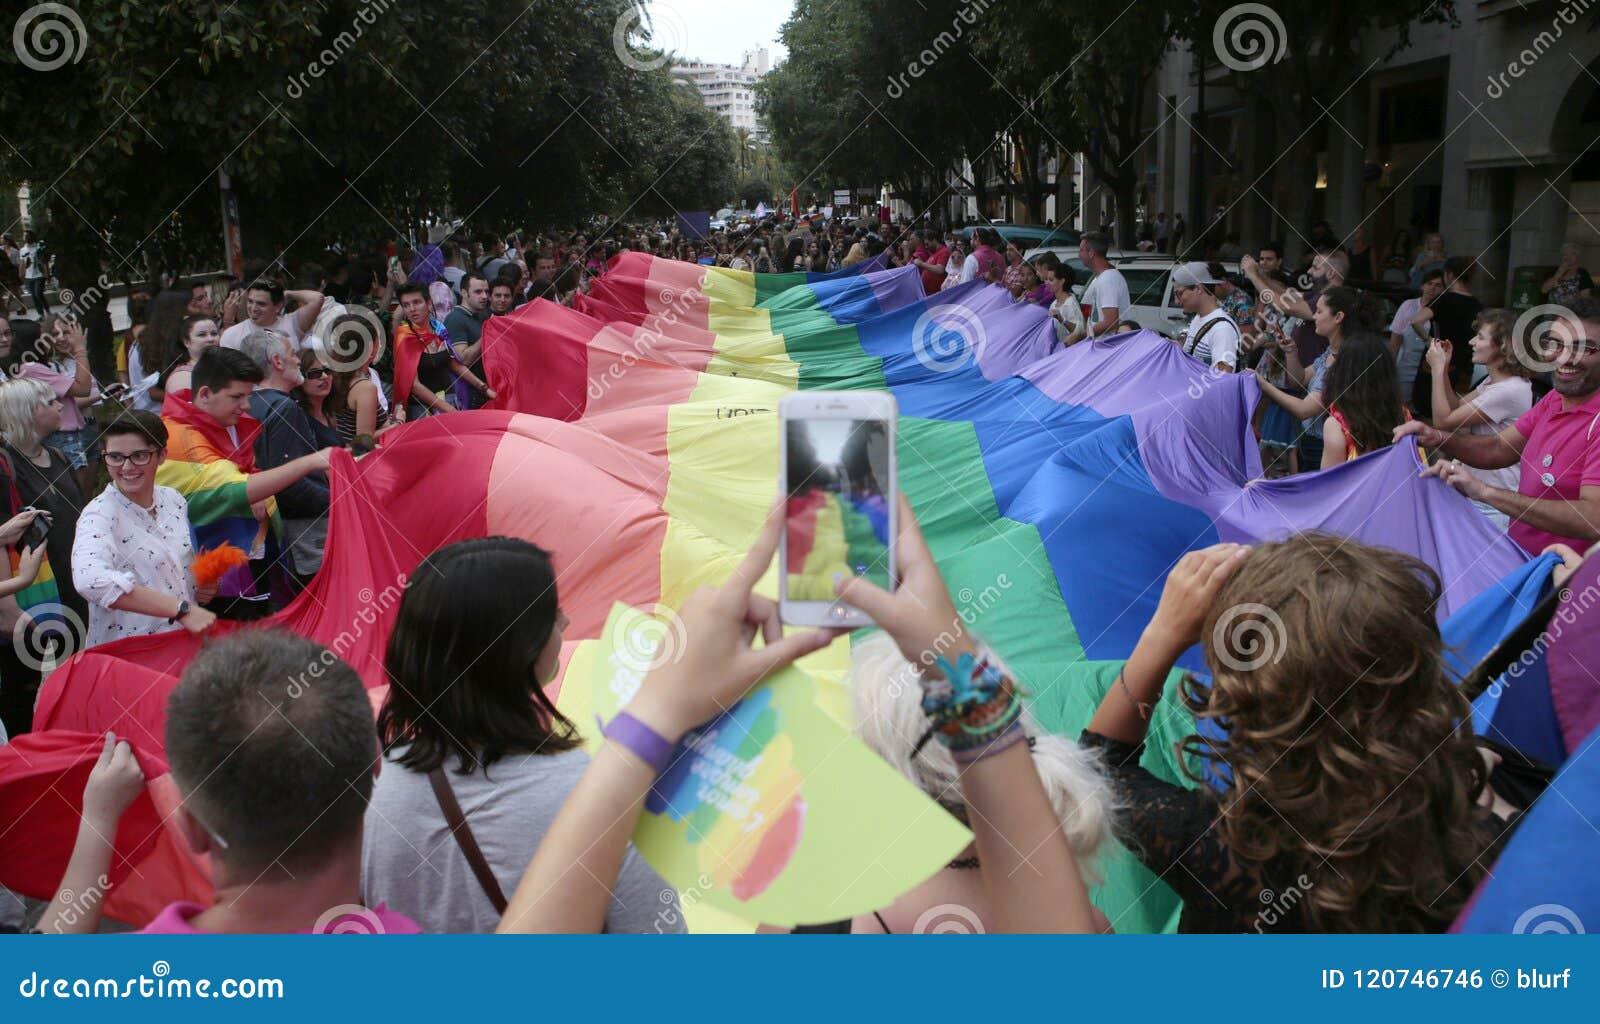 orgullo gay palma de mallorca